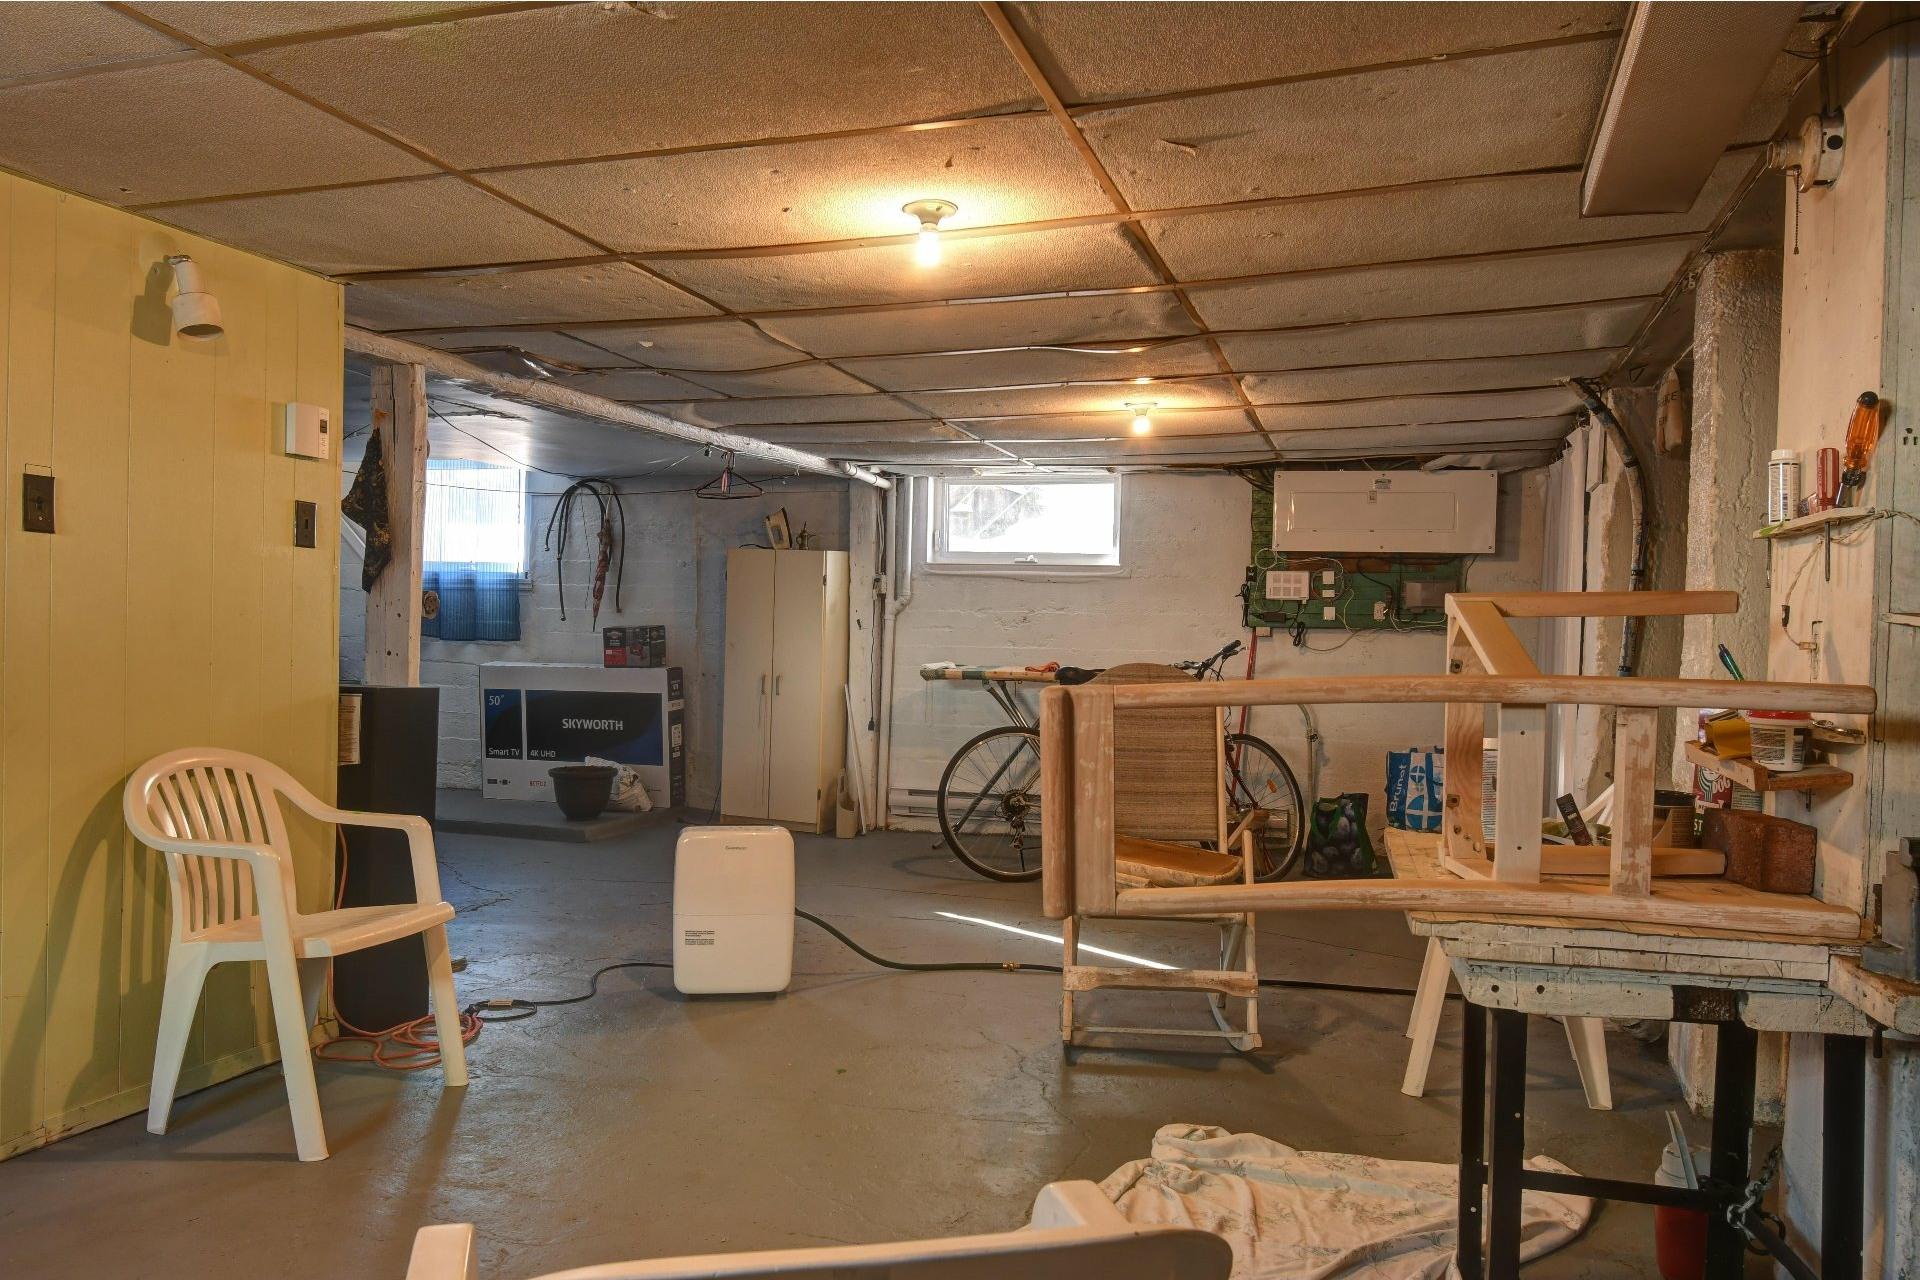 image 5 - Duplex For sale Sainte-Thècle - 6 rooms